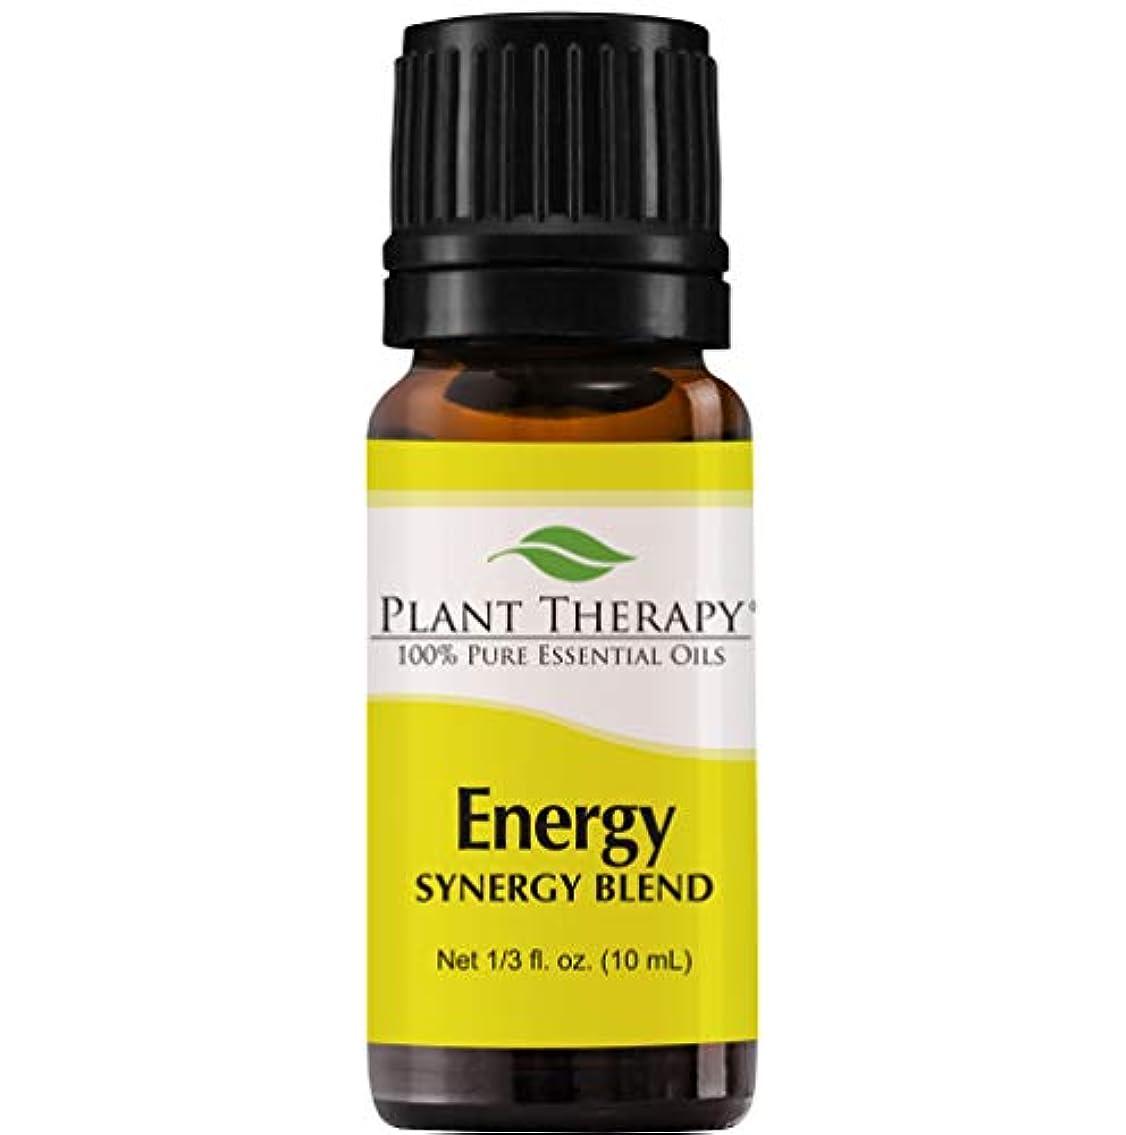 会話型奇跡的な差別Plant Therapy Essential Oils (プラントセラピー エッセンシャルオイル) エネルギー シネジー エッセンシャルオイル ブレンド (身体的エネルギー)10 ml